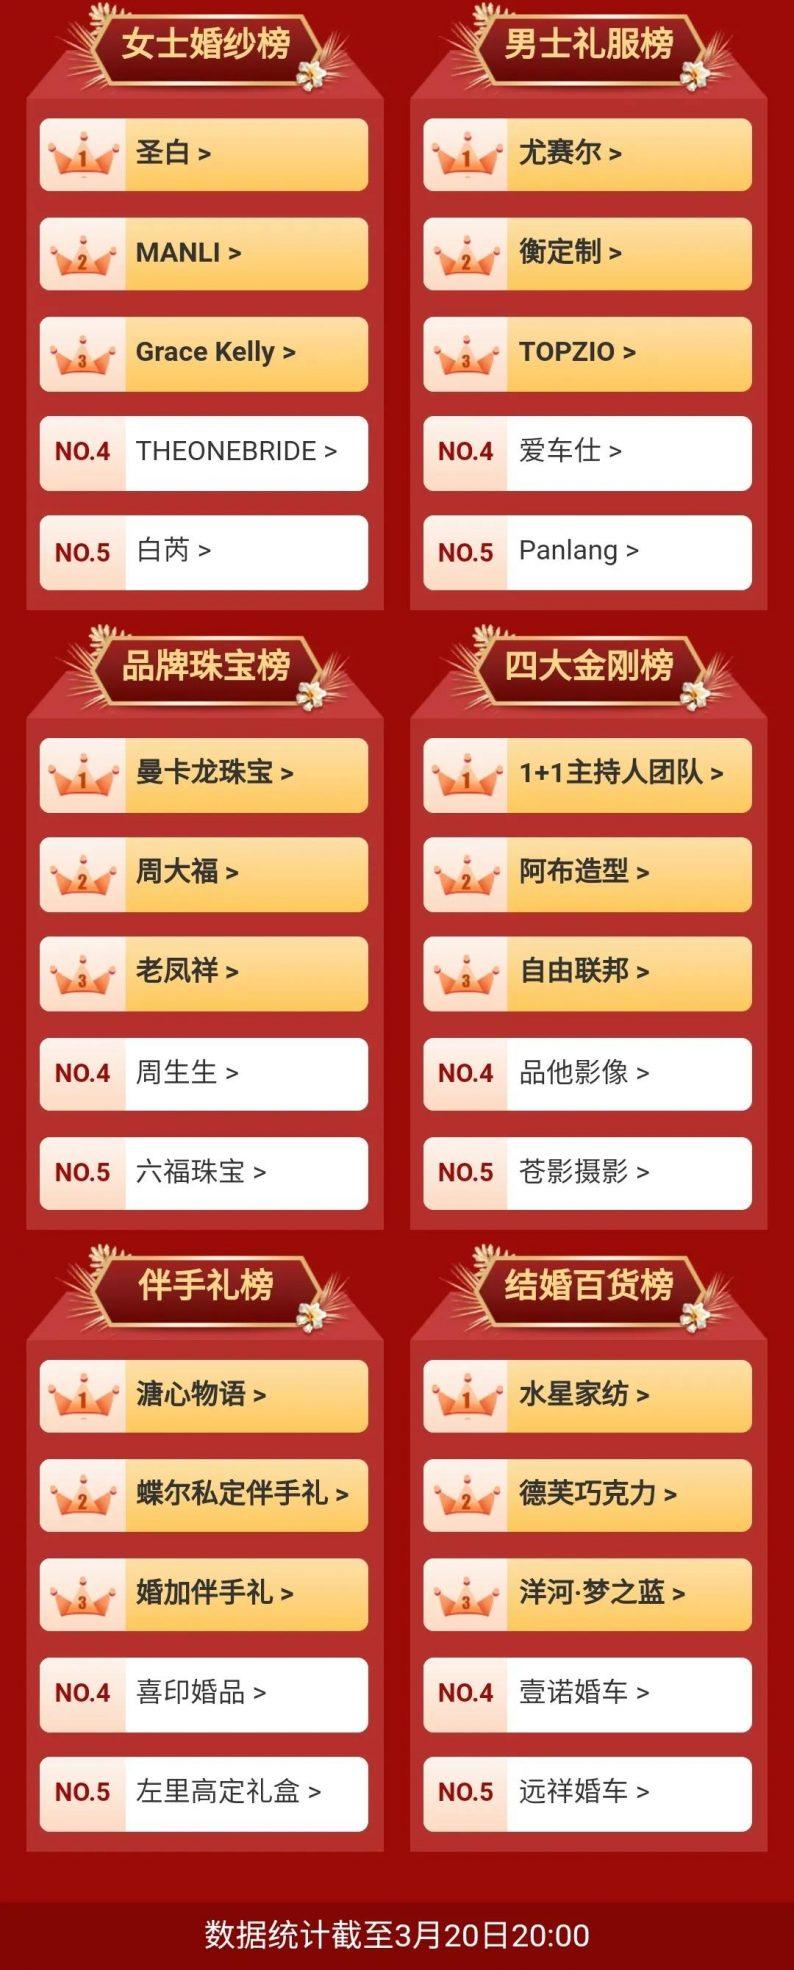 中国婚博会商家订单排行榜(2021春季杭州&武汉)  第3张